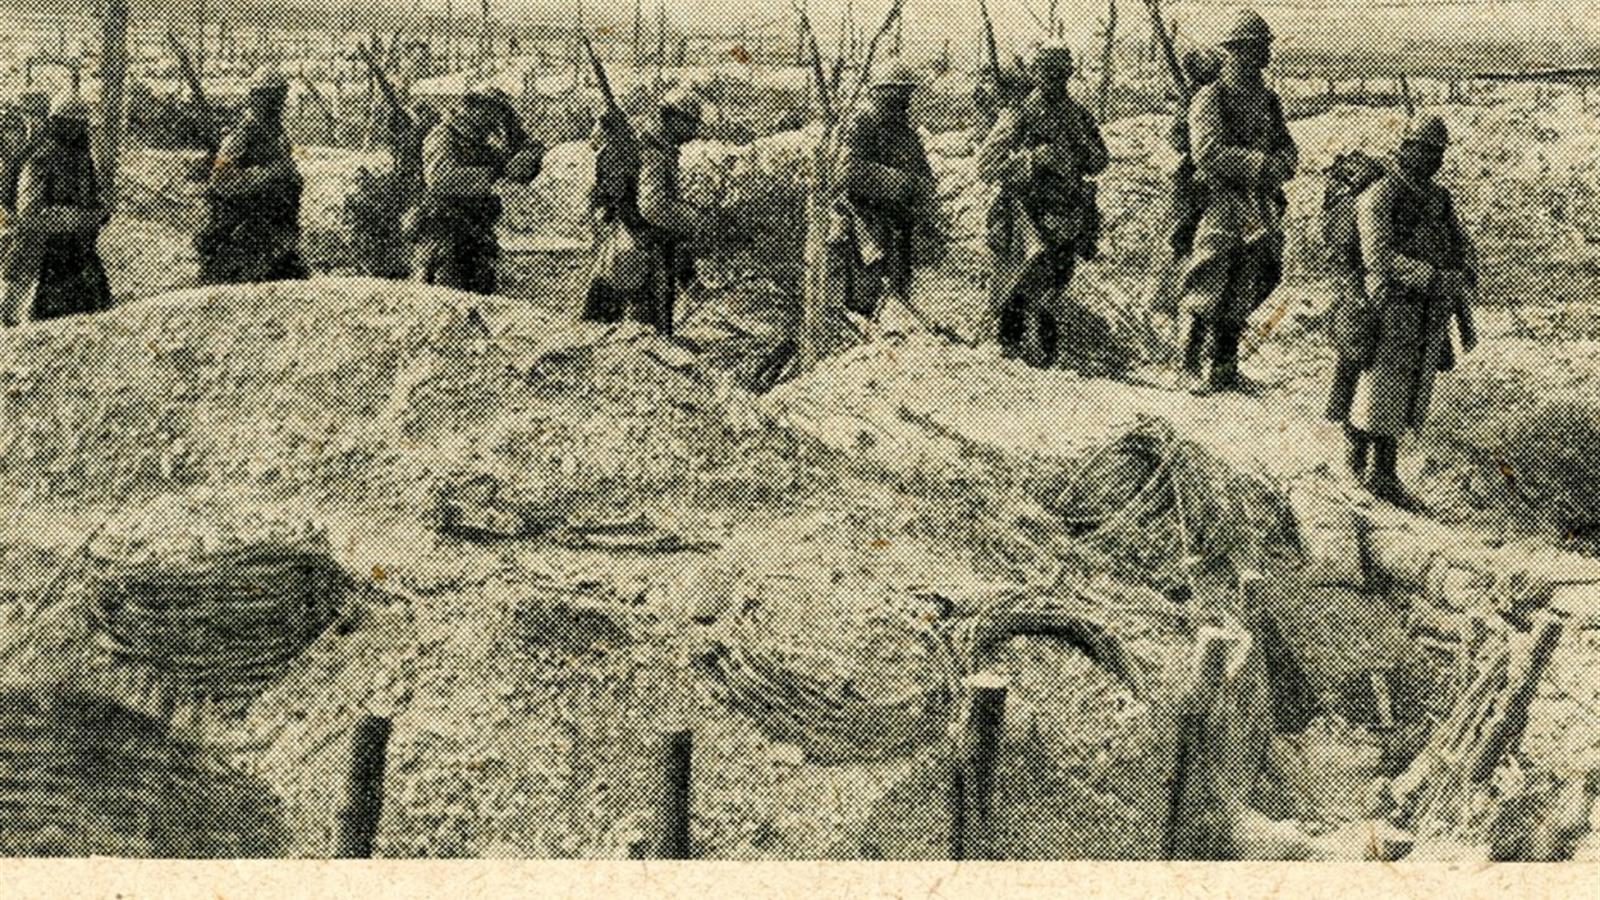 Fronte Occidentale E Fronte Orientale Nel 1914